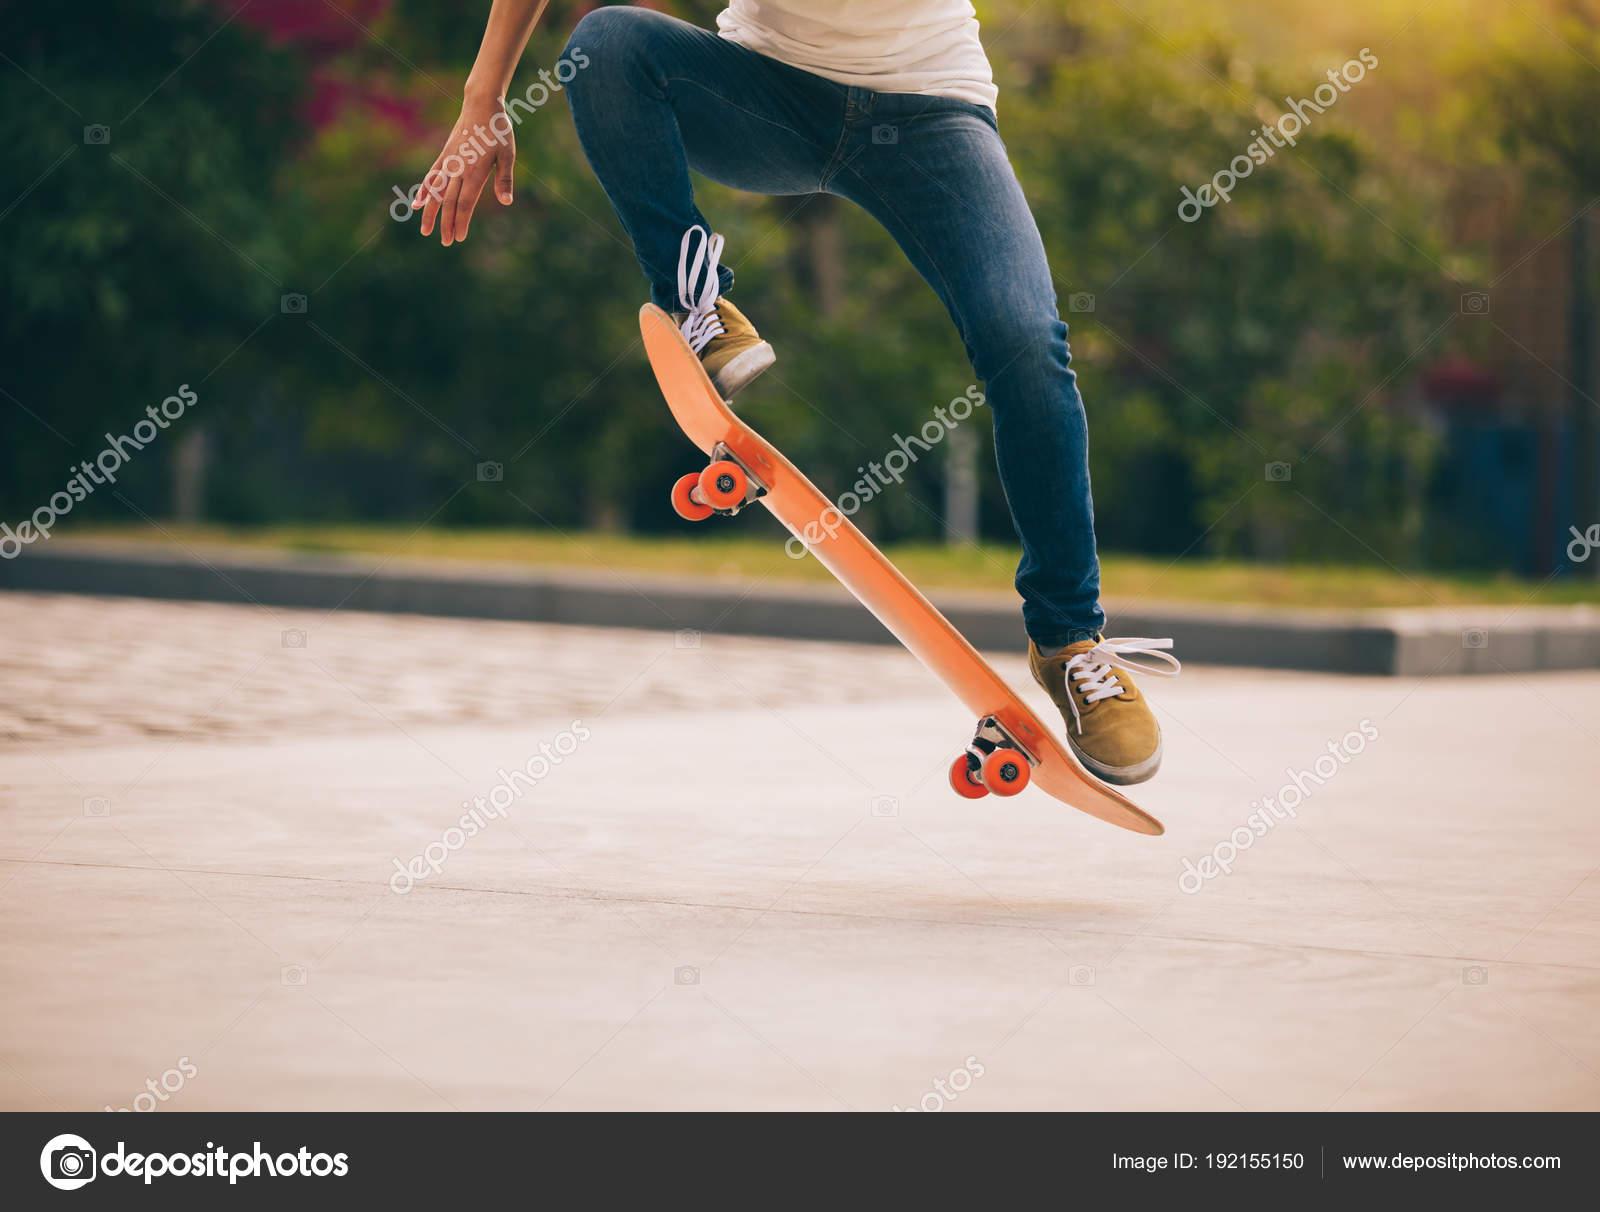 393764c8 Cortada Imagem Skatista Andando Skate Parque Estacionamento — Fotografia de  Stock